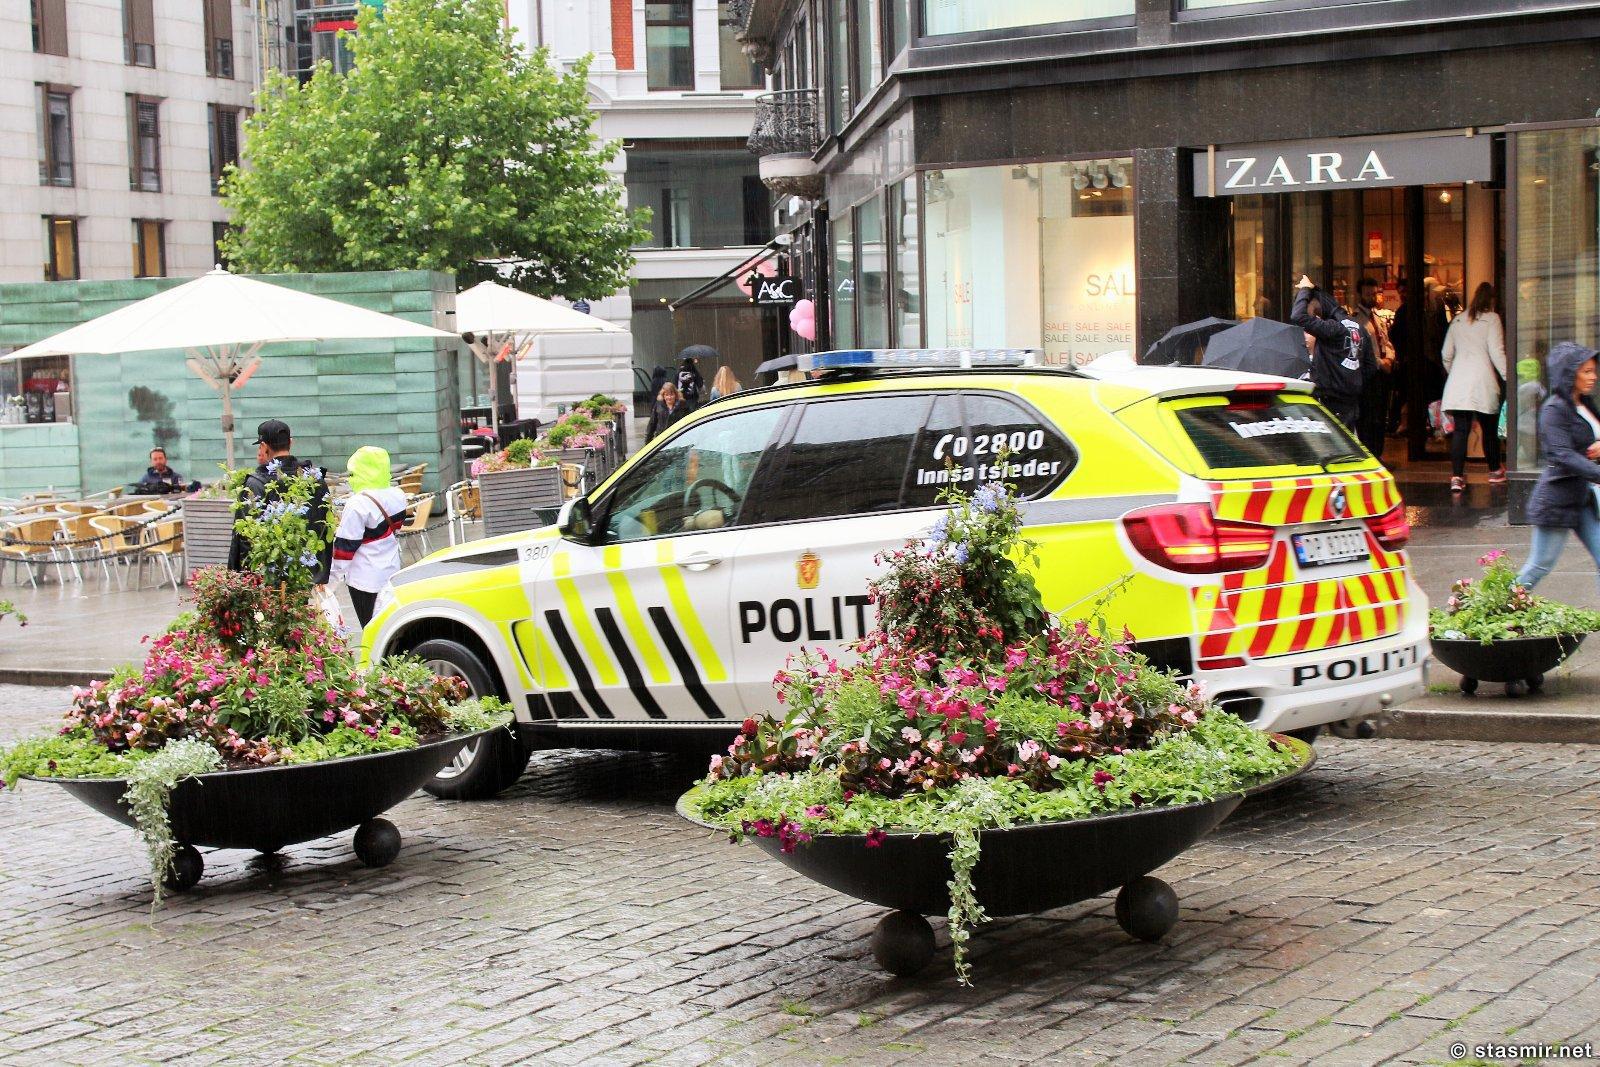 Полицейская машина в Осло, фото Стасмир, photo Stasmir